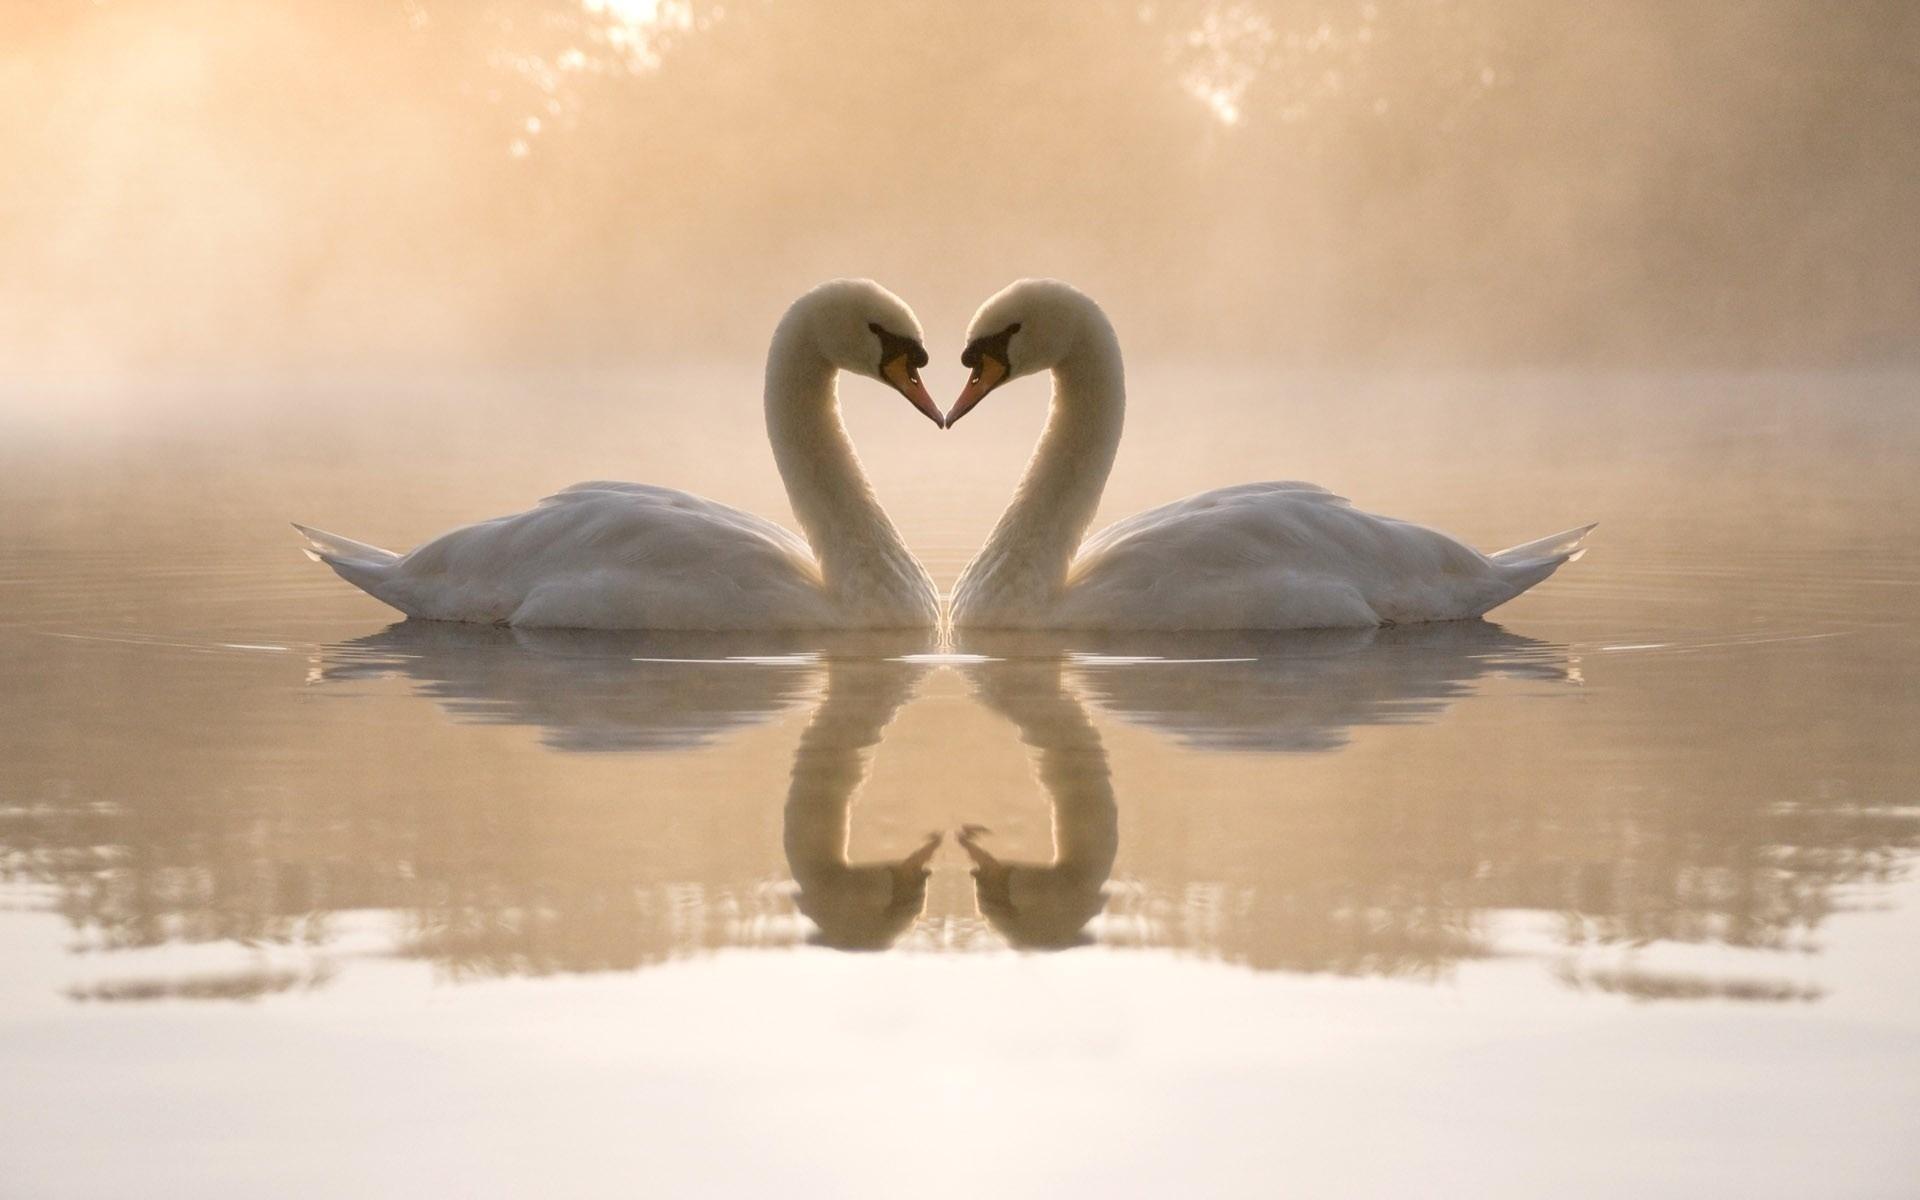 15413 Hintergrundbild herunterladen Tiere, Vögel, Wasser, Herzen, Swans, Liebe, Valentinstag - Bildschirmschoner und Bilder kostenlos